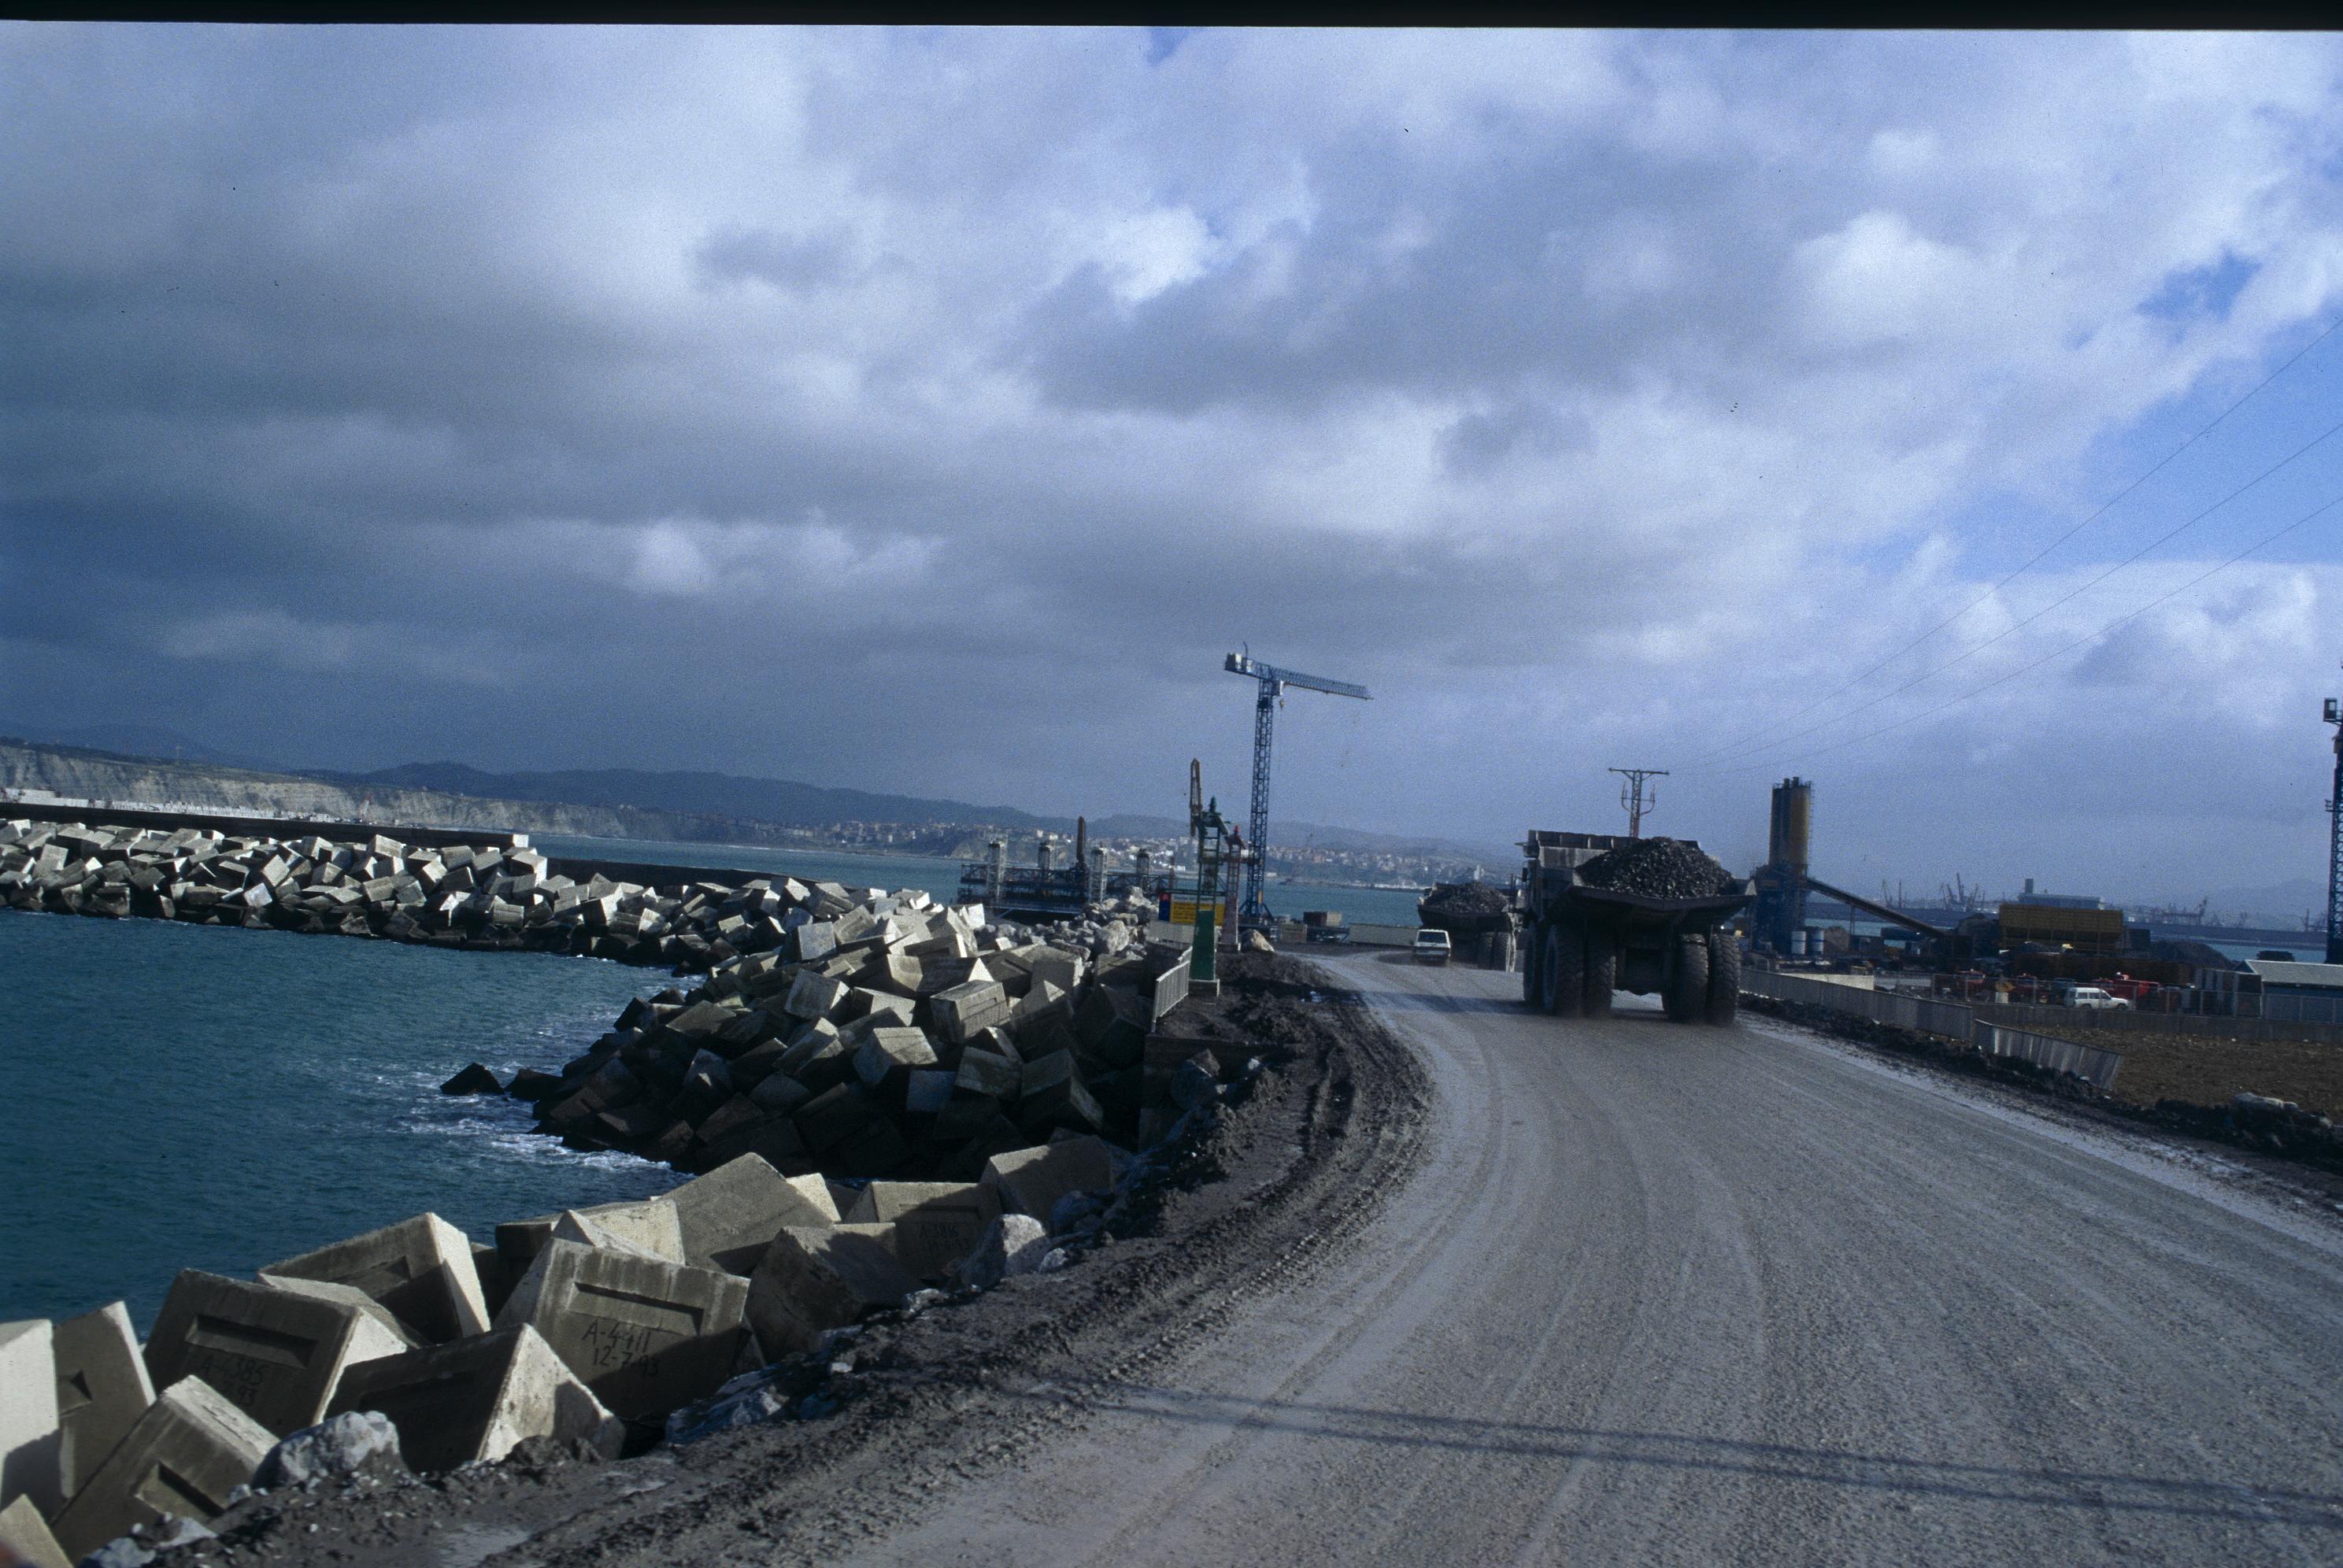 19980111_01_0071_Puerto_de_bilbao.jpg